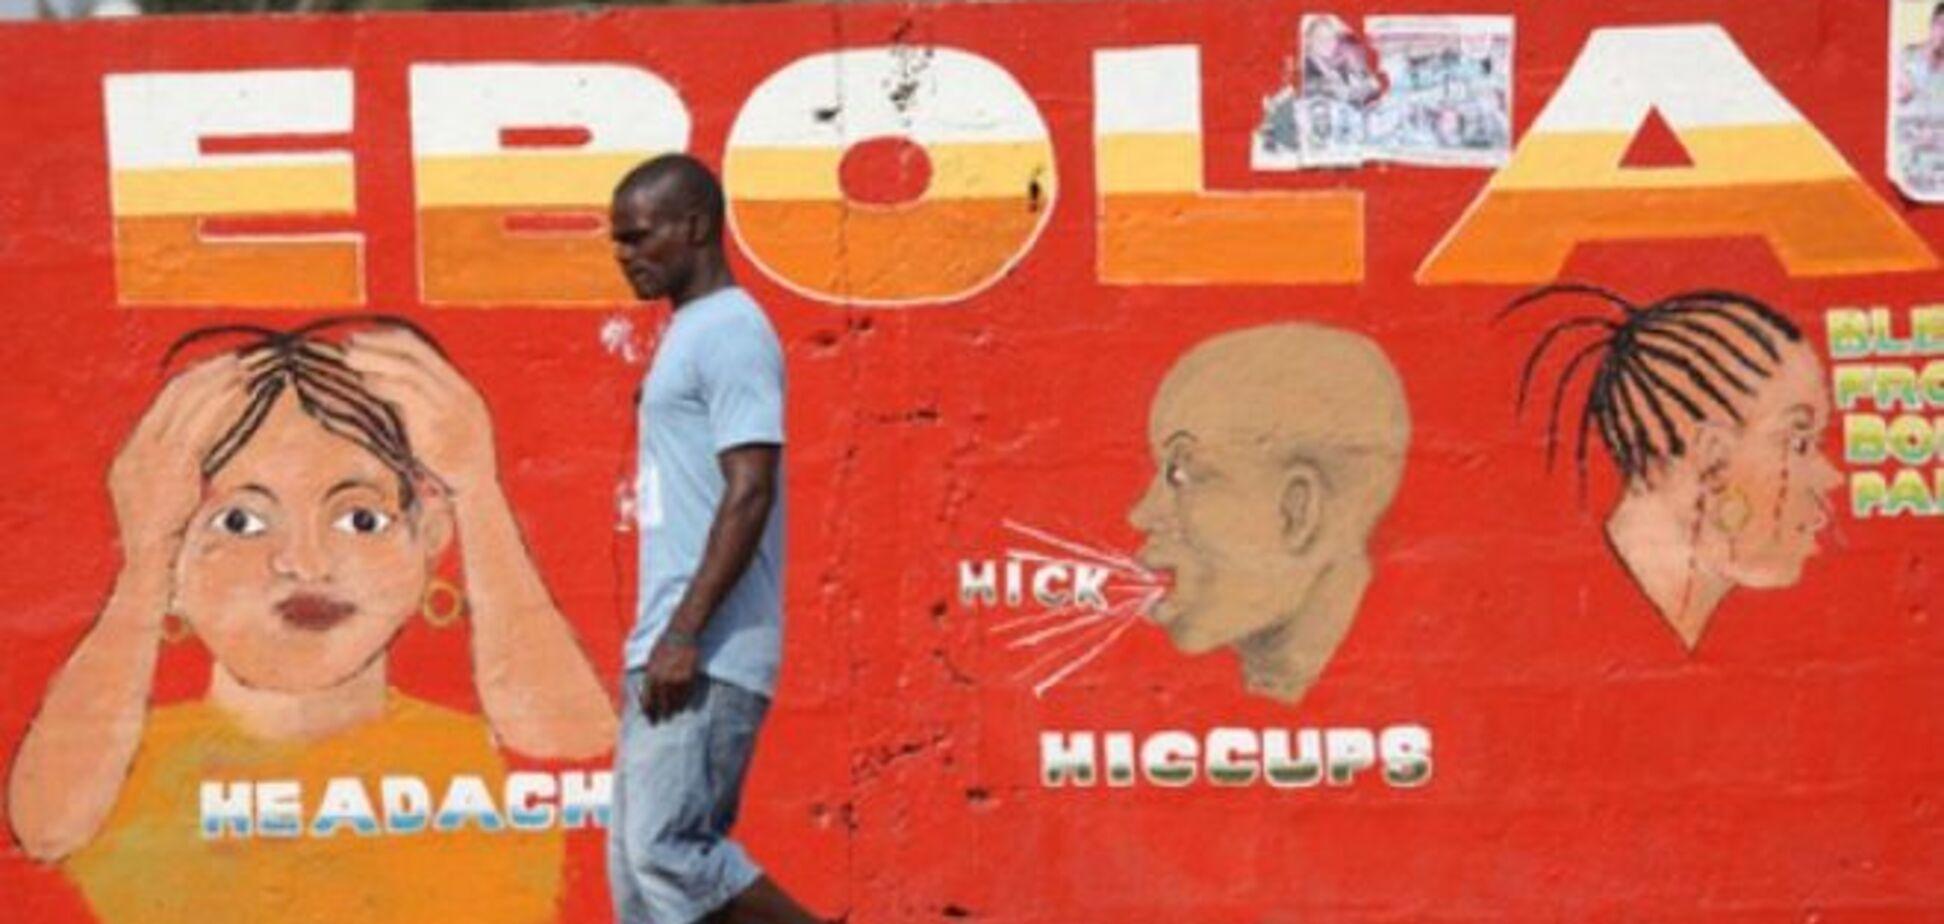 Либерия победила вирус Эболы - ВОЗ